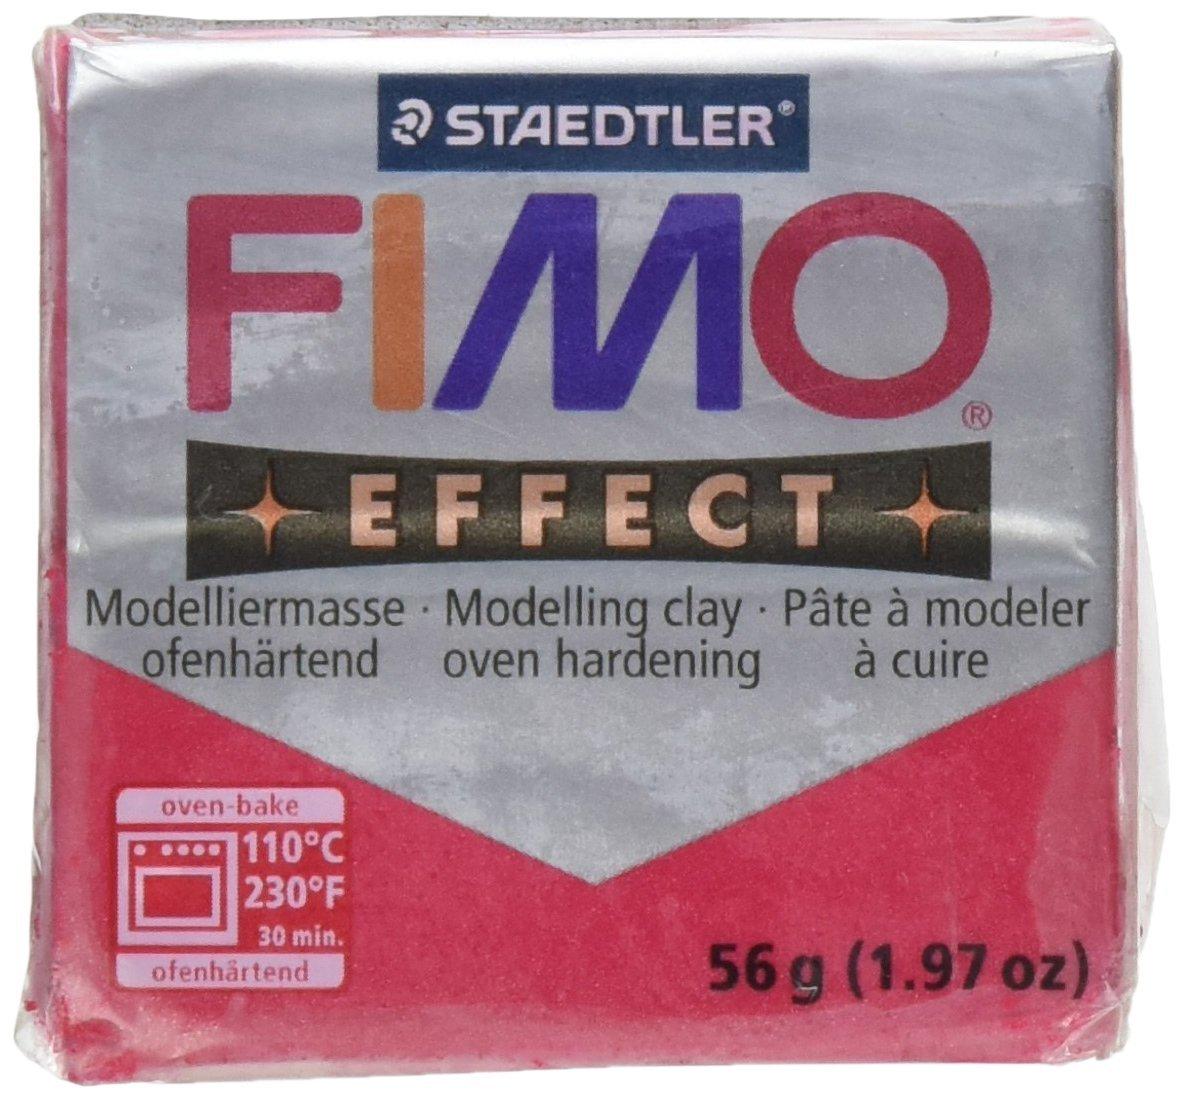 Staedtler Pasta per Modellare Fimo Soft 1.97once-8020–28Rosso Rubino Metallizzato Notions - In Network 34023282